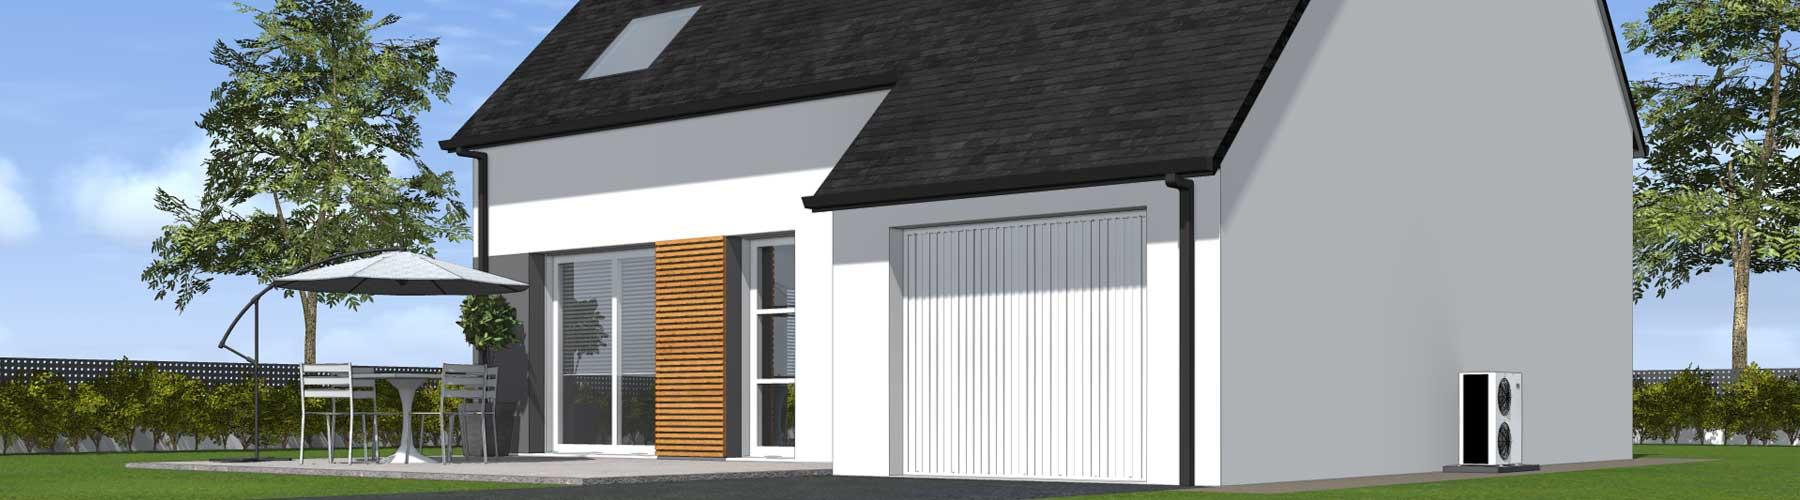 Constructeur maisons traditionnelle maisons clefs d 39 or for Constructeur maison traditionnelle